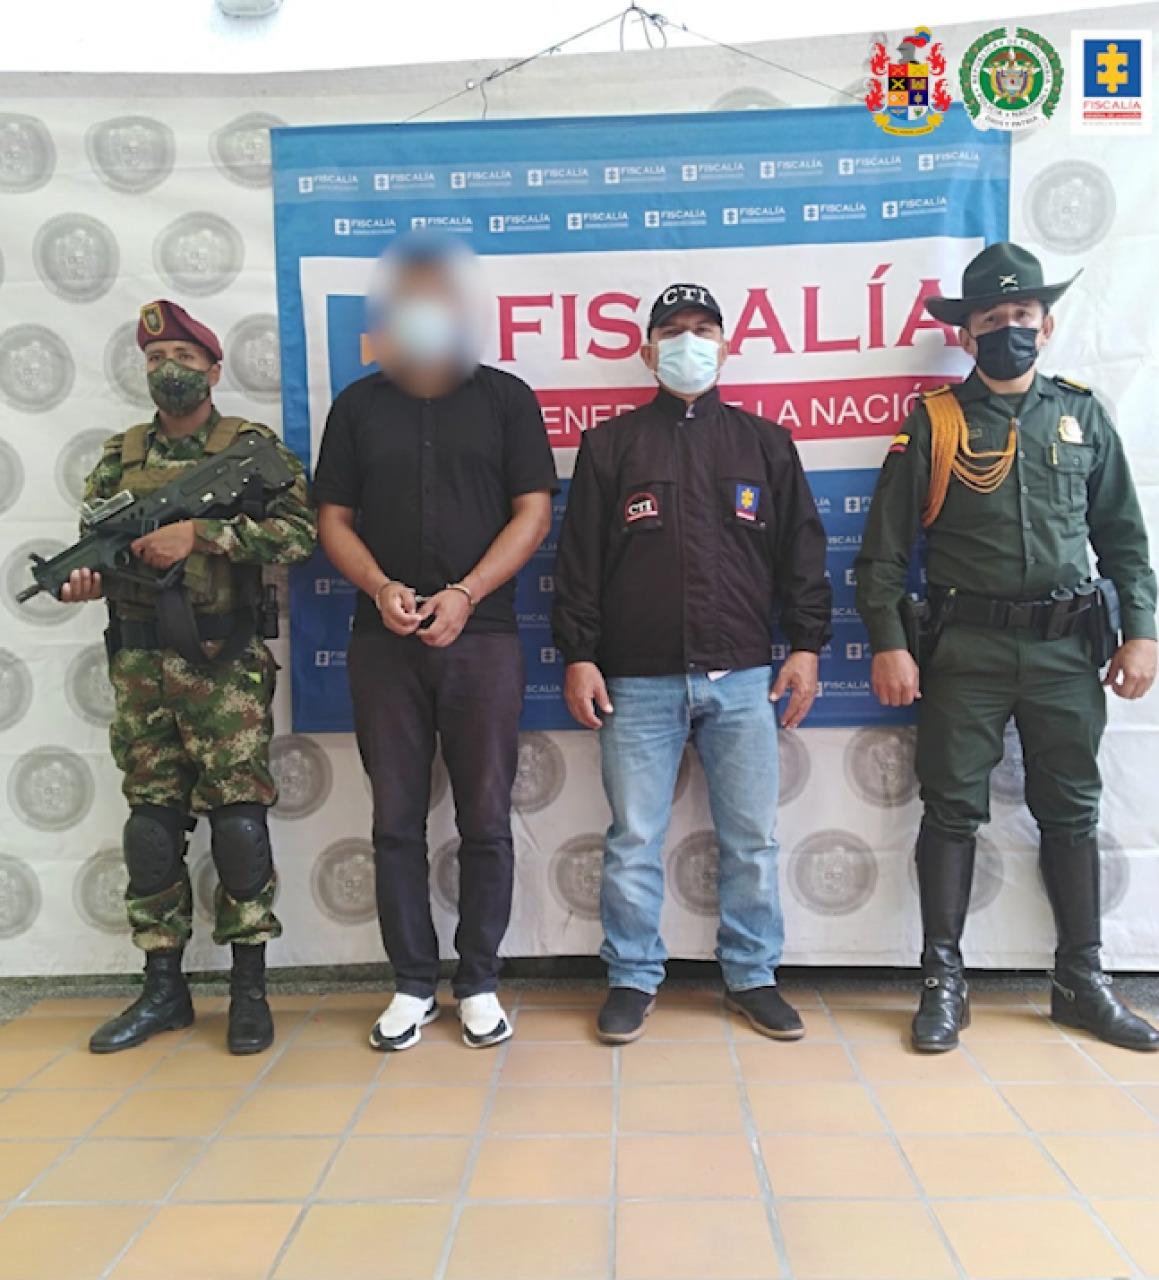 Privados de la libertad cinco hombres presuntamente implicados en hechos de violencia contra miembros de su núcleo familiar - Noticias de Colombia